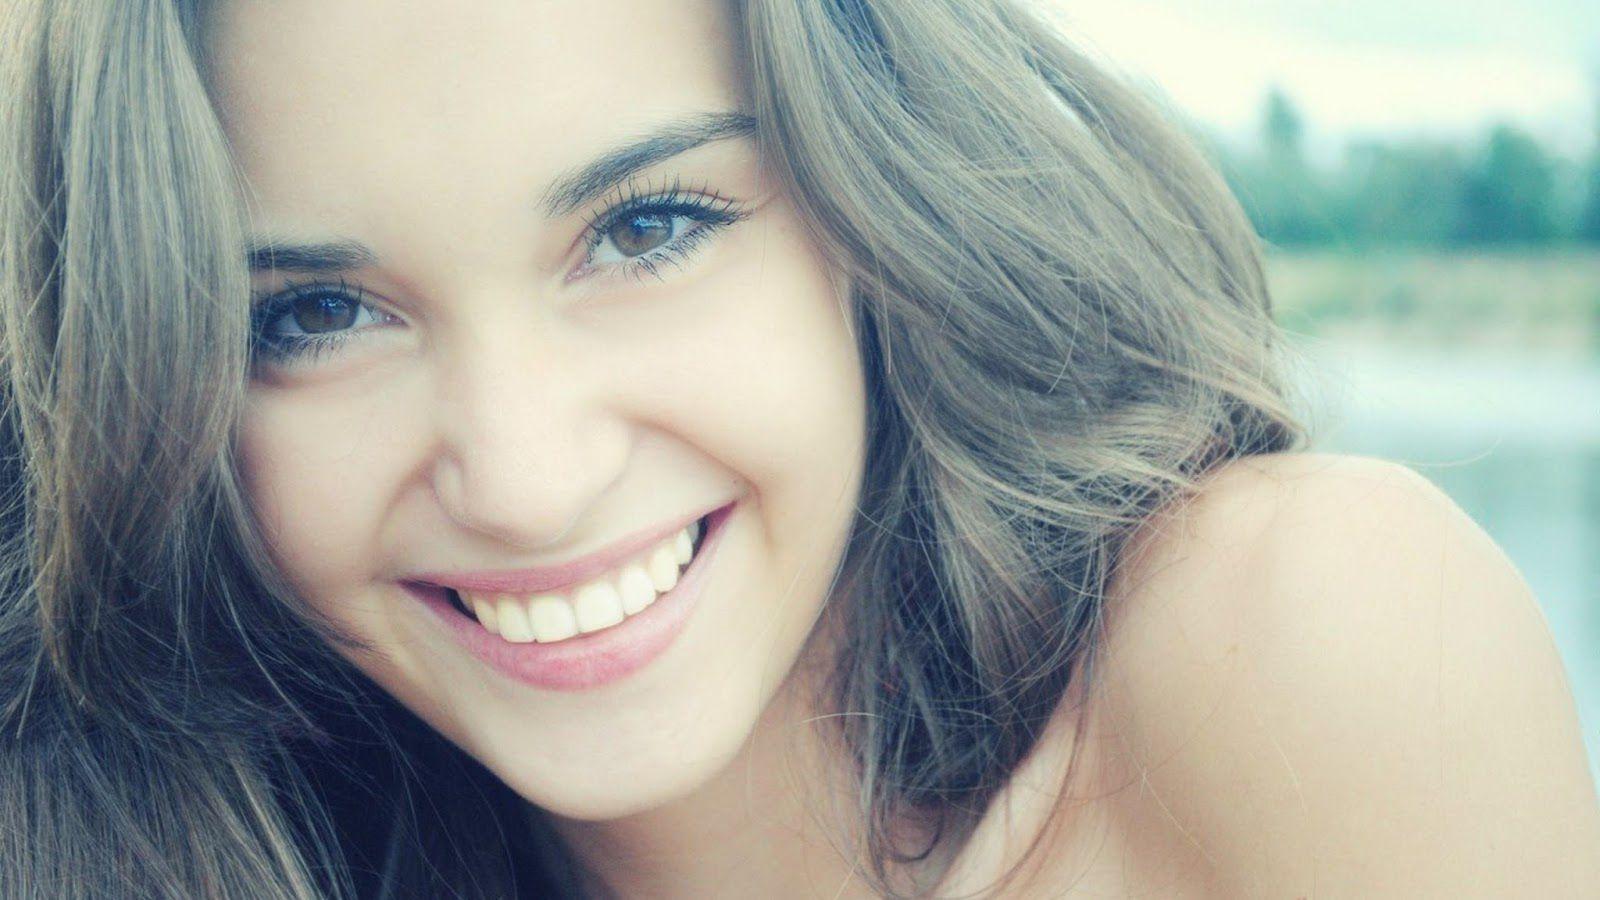 Trám răng thẩm mỹ ngăn ngừa bệnh nha hiệu quả